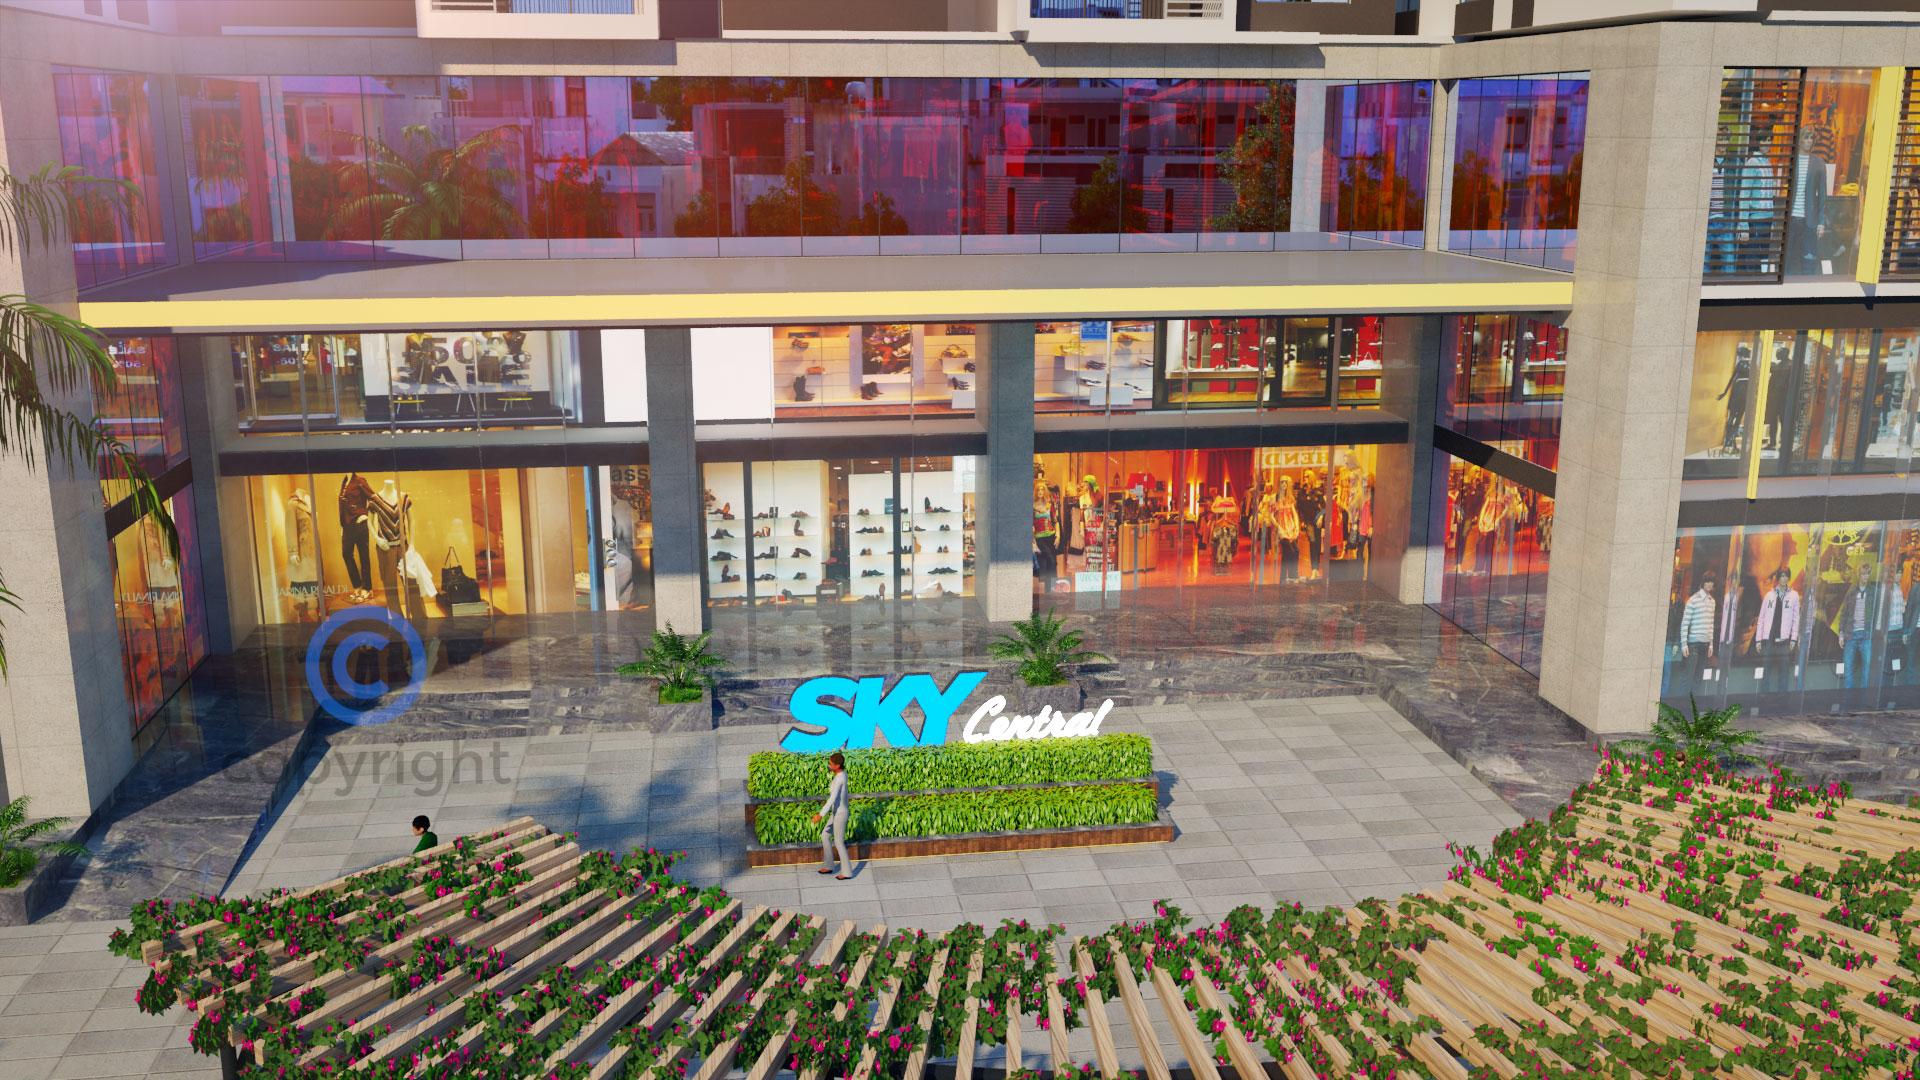 Nằm tại trung tâm phía Nam của Thành phố, Sky Central là dự án nằm trên mặt đường vành đai 2.5 và nhiều tuyến đường huyết mạch. Hệ thống mạng lưới giao thông thuận tiện giúp cư dân Sky Central có thể di chuyển về bất kỳ nơi nào của thành phố và các tỉnh lị xung quanh một cách nhanh chóng và an toàn nhất.     Sky-Central-vi-tri     Sky Central dễ dàng kết nối trung tâm hành chính, trung tâm mua sắm và giải trí, các hệ thống trường học và bệnh viện lớn. Không chỉ vậy, cư dân còn được thừa hưởng hệ sinh thái xanh – trong lành hồ lớn xung quanh như: hồ Định Công, hồ Linh Đàm, hồ Yên Sở.   7